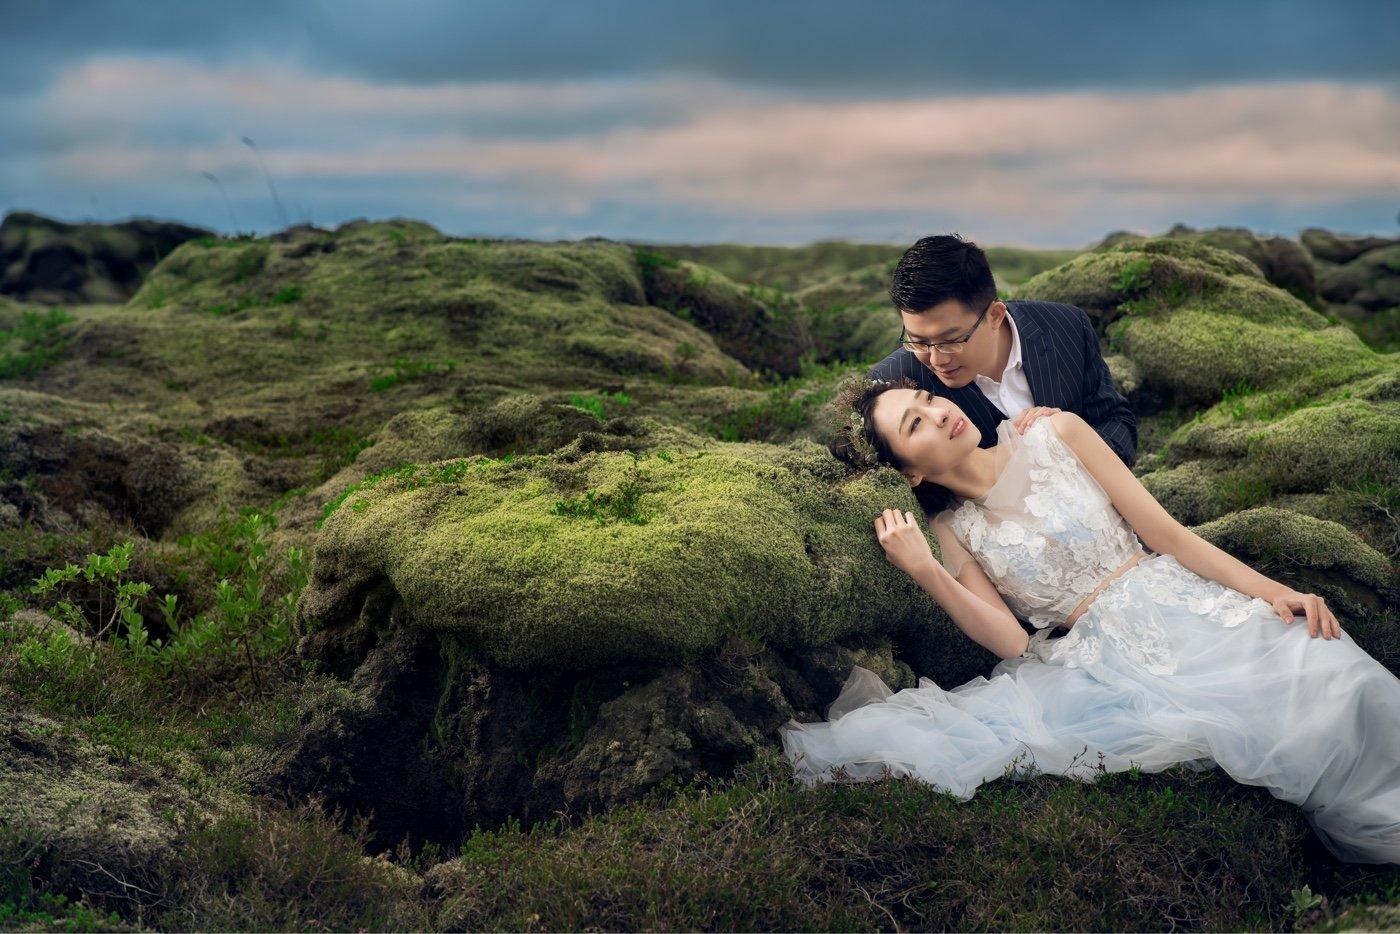 MoFoTo 冰岛婚纱旅拍28